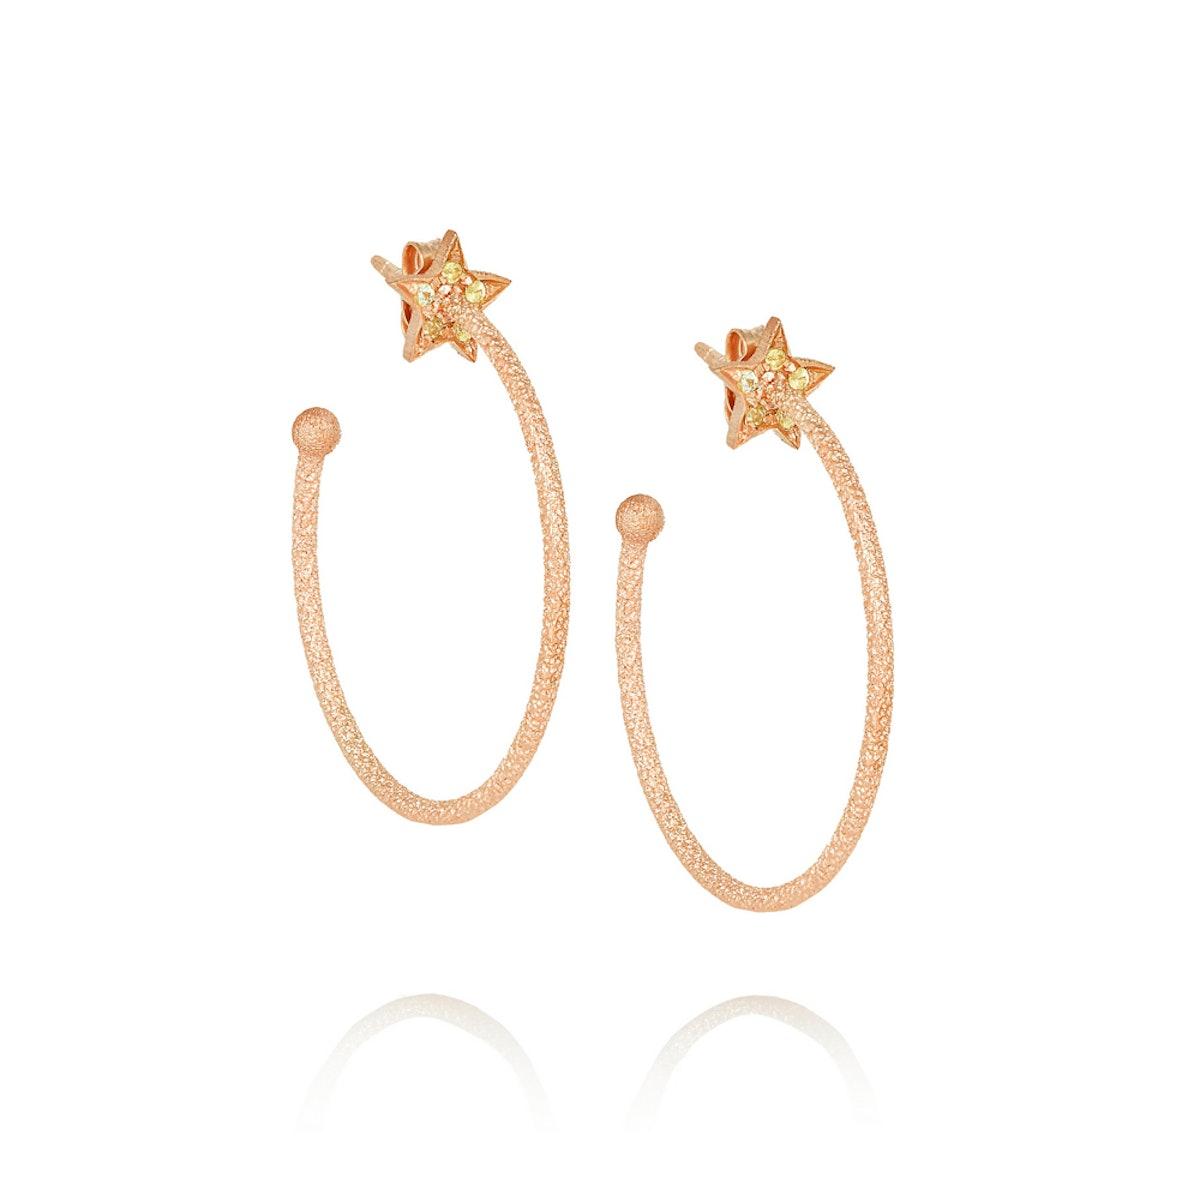 Carolina-Bucci-earrings,-$1,740,-NET-A-PORTER